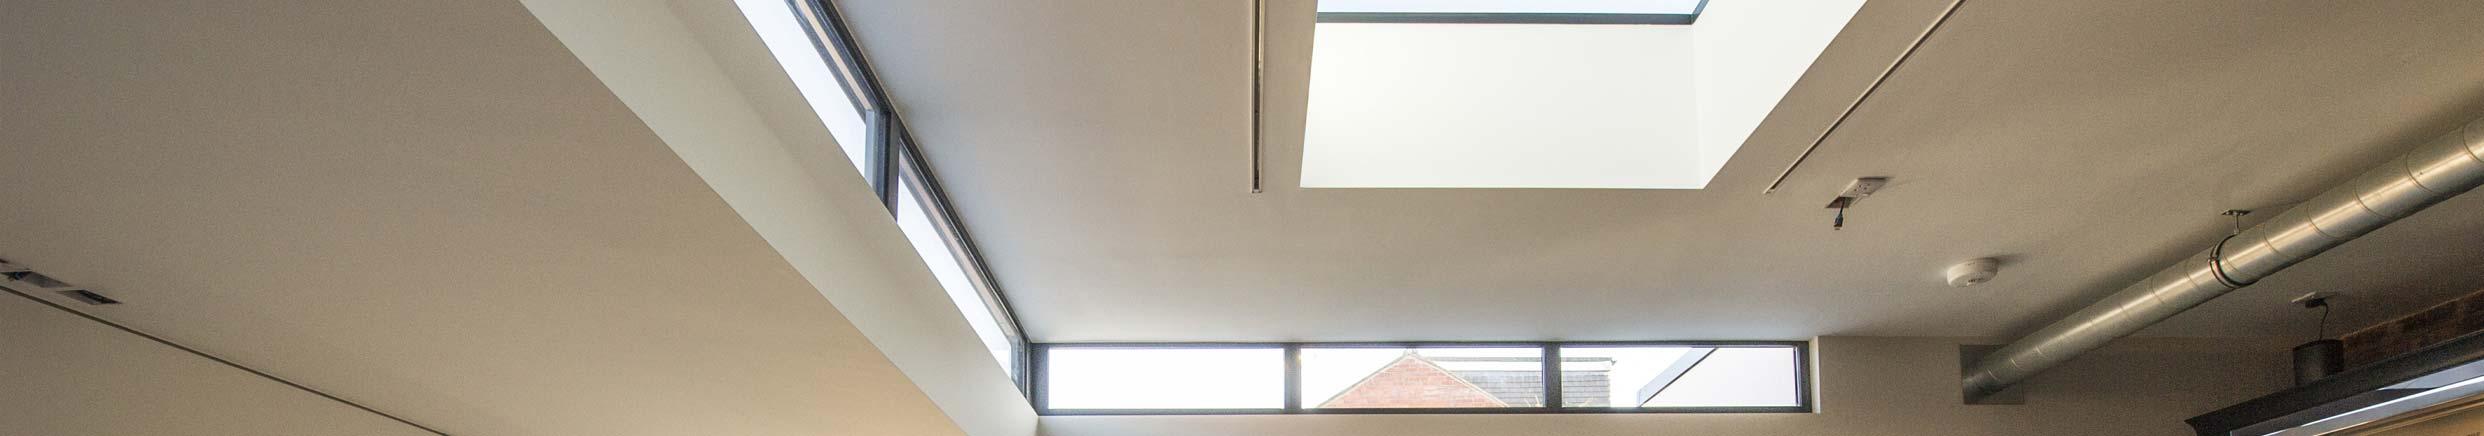 Aluminium Flat Rooflights